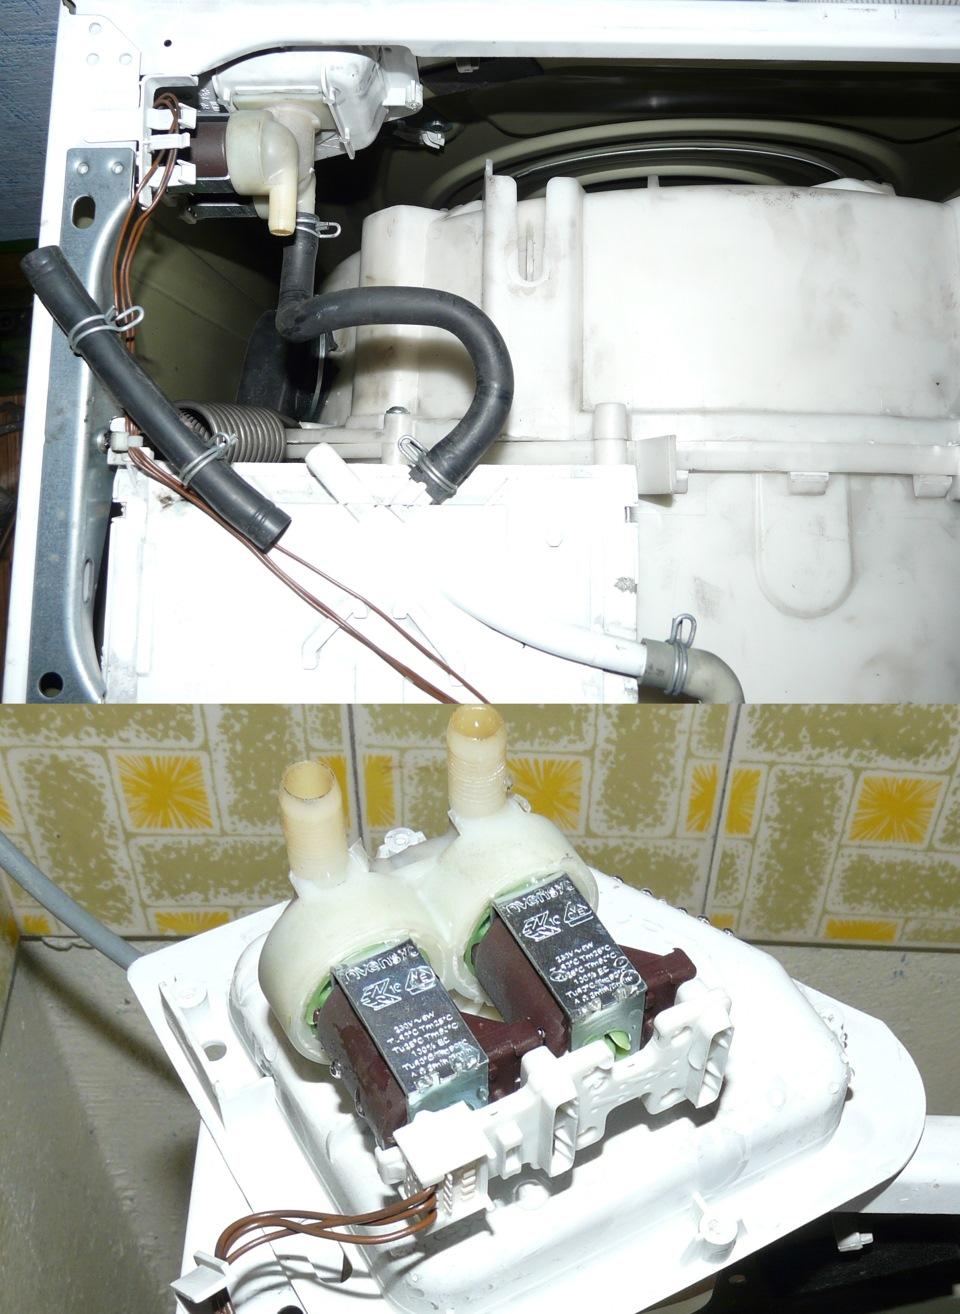 bosch classixx 5 wlf 16165 ce инструкция по ремонту